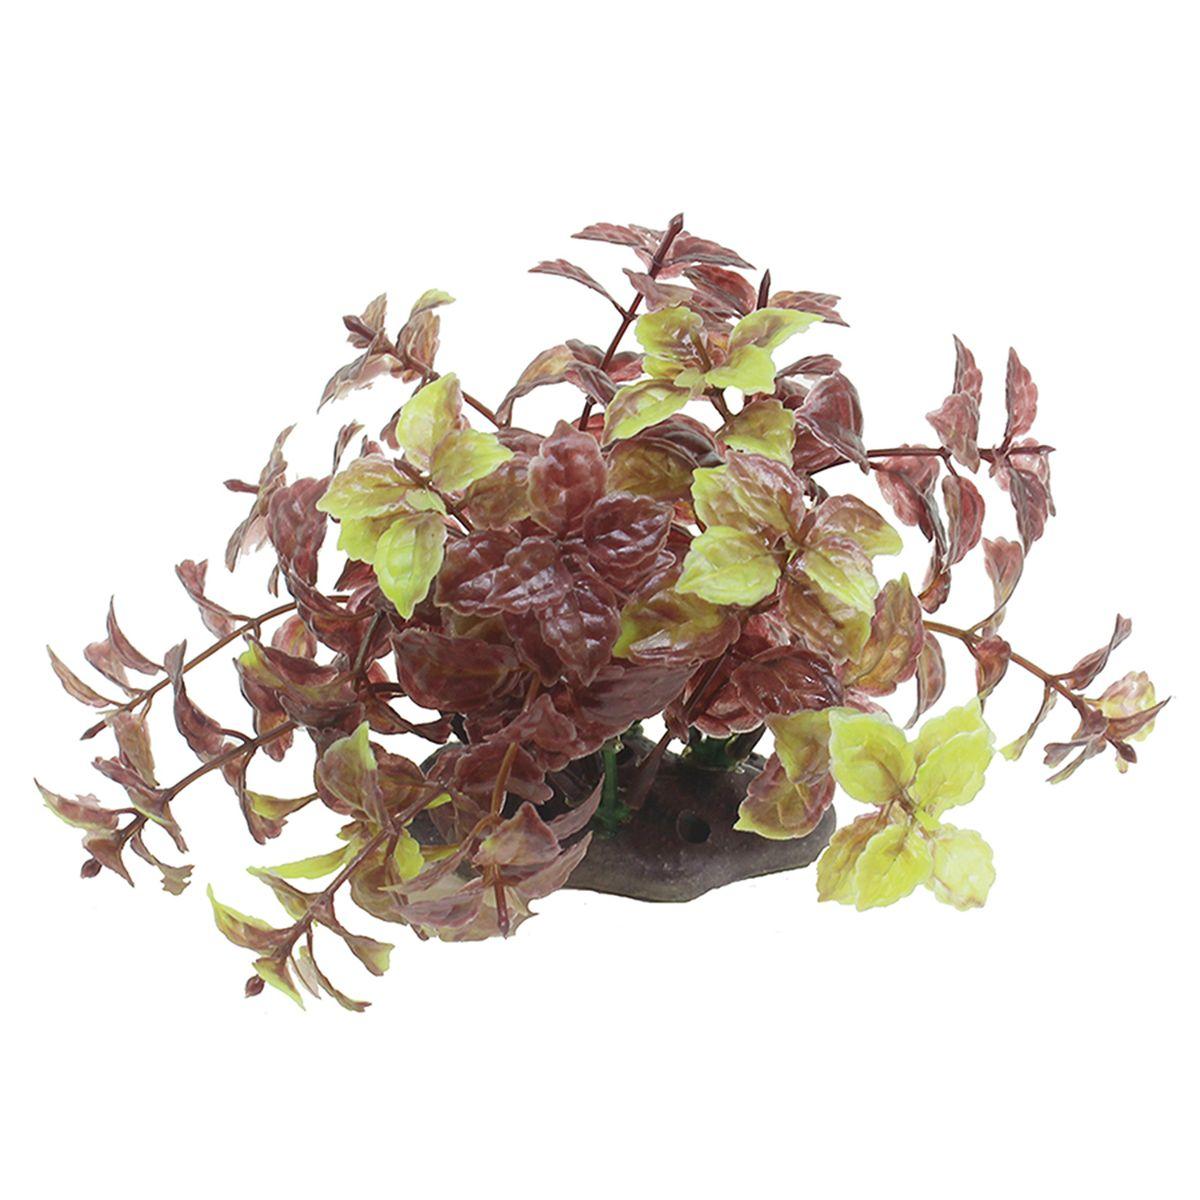 Растение для аквариума ArtUniq Хемиграфис, высота 10-12 см0120710Растение для аквариума ArtUniq Хемиграфис, высота 10-12 см